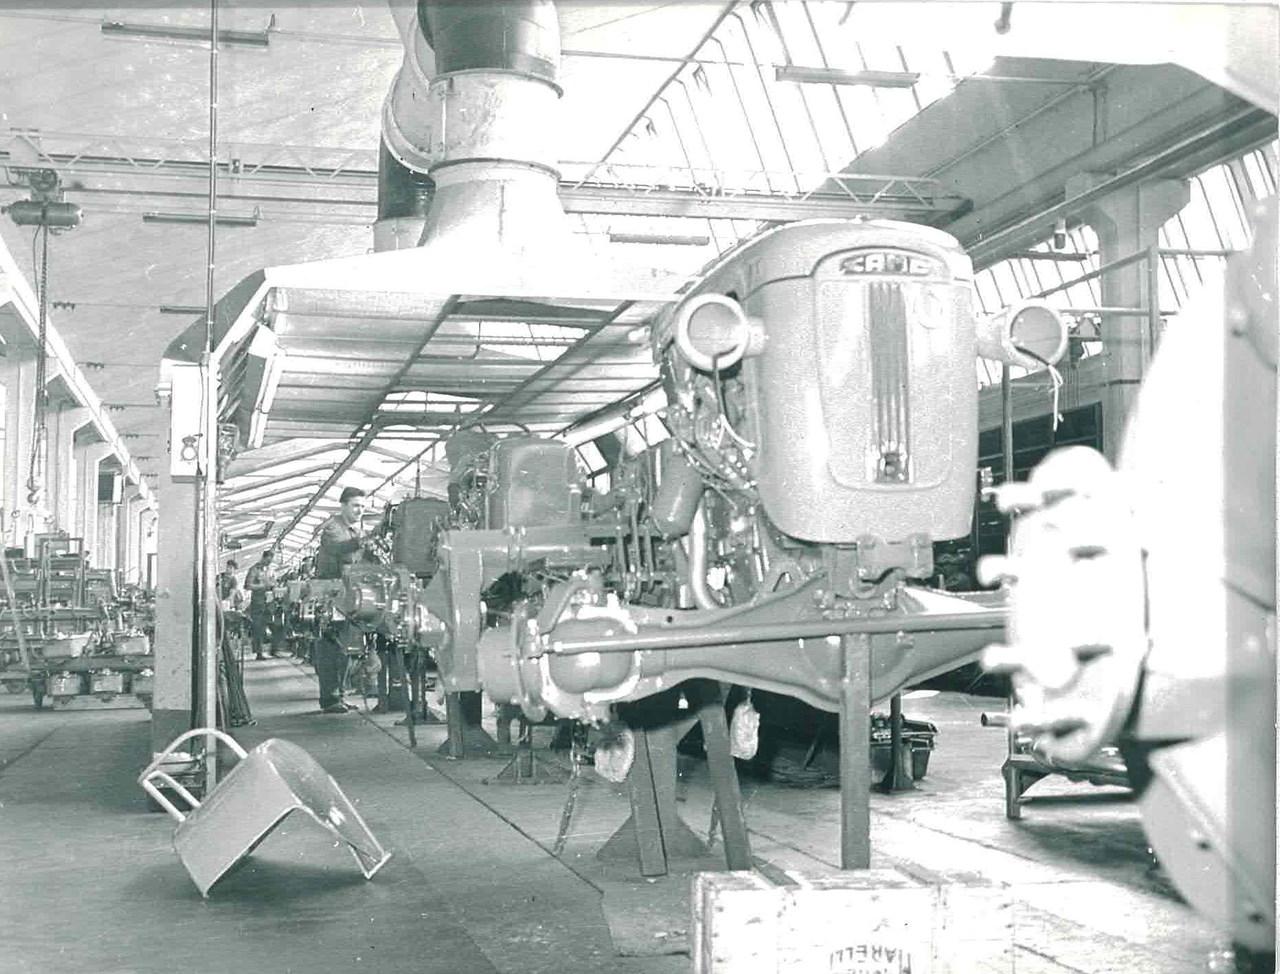 Stabilimento Same - Operai al lavoro alla catena di montaggio trattori